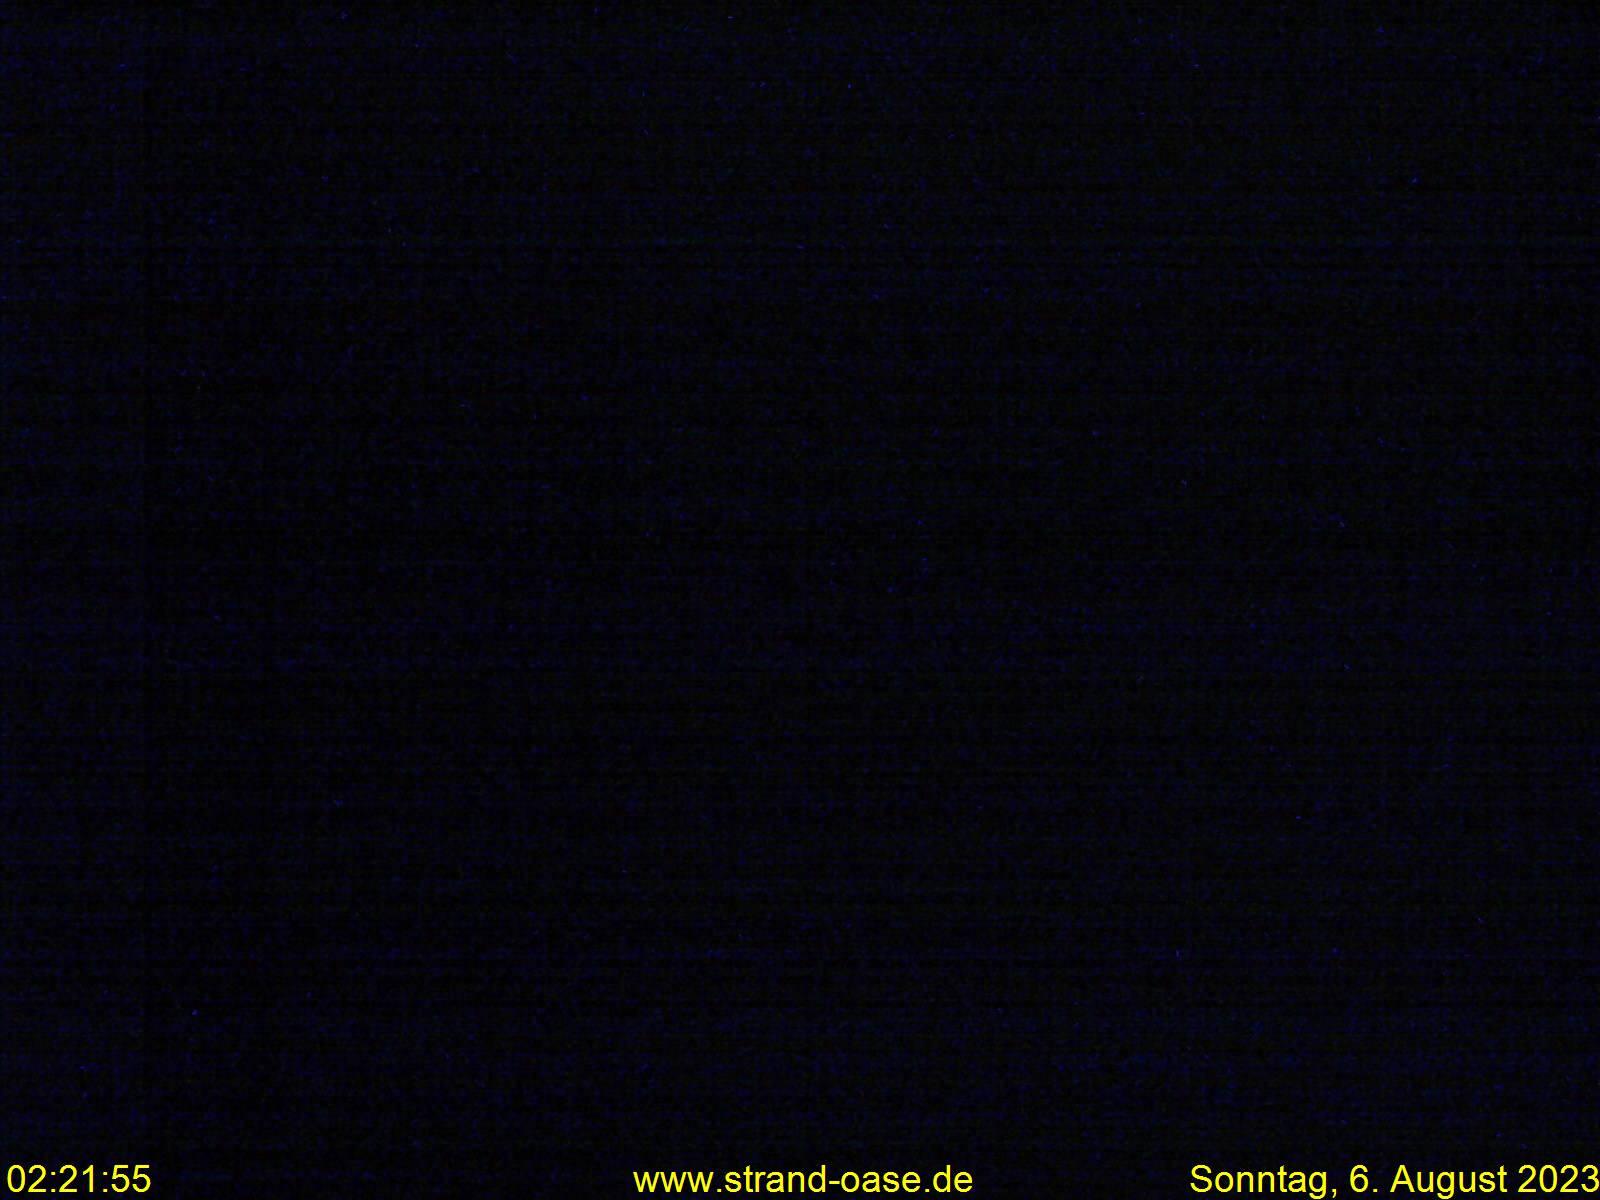 Westerland (Sylt) Sa. 02:22